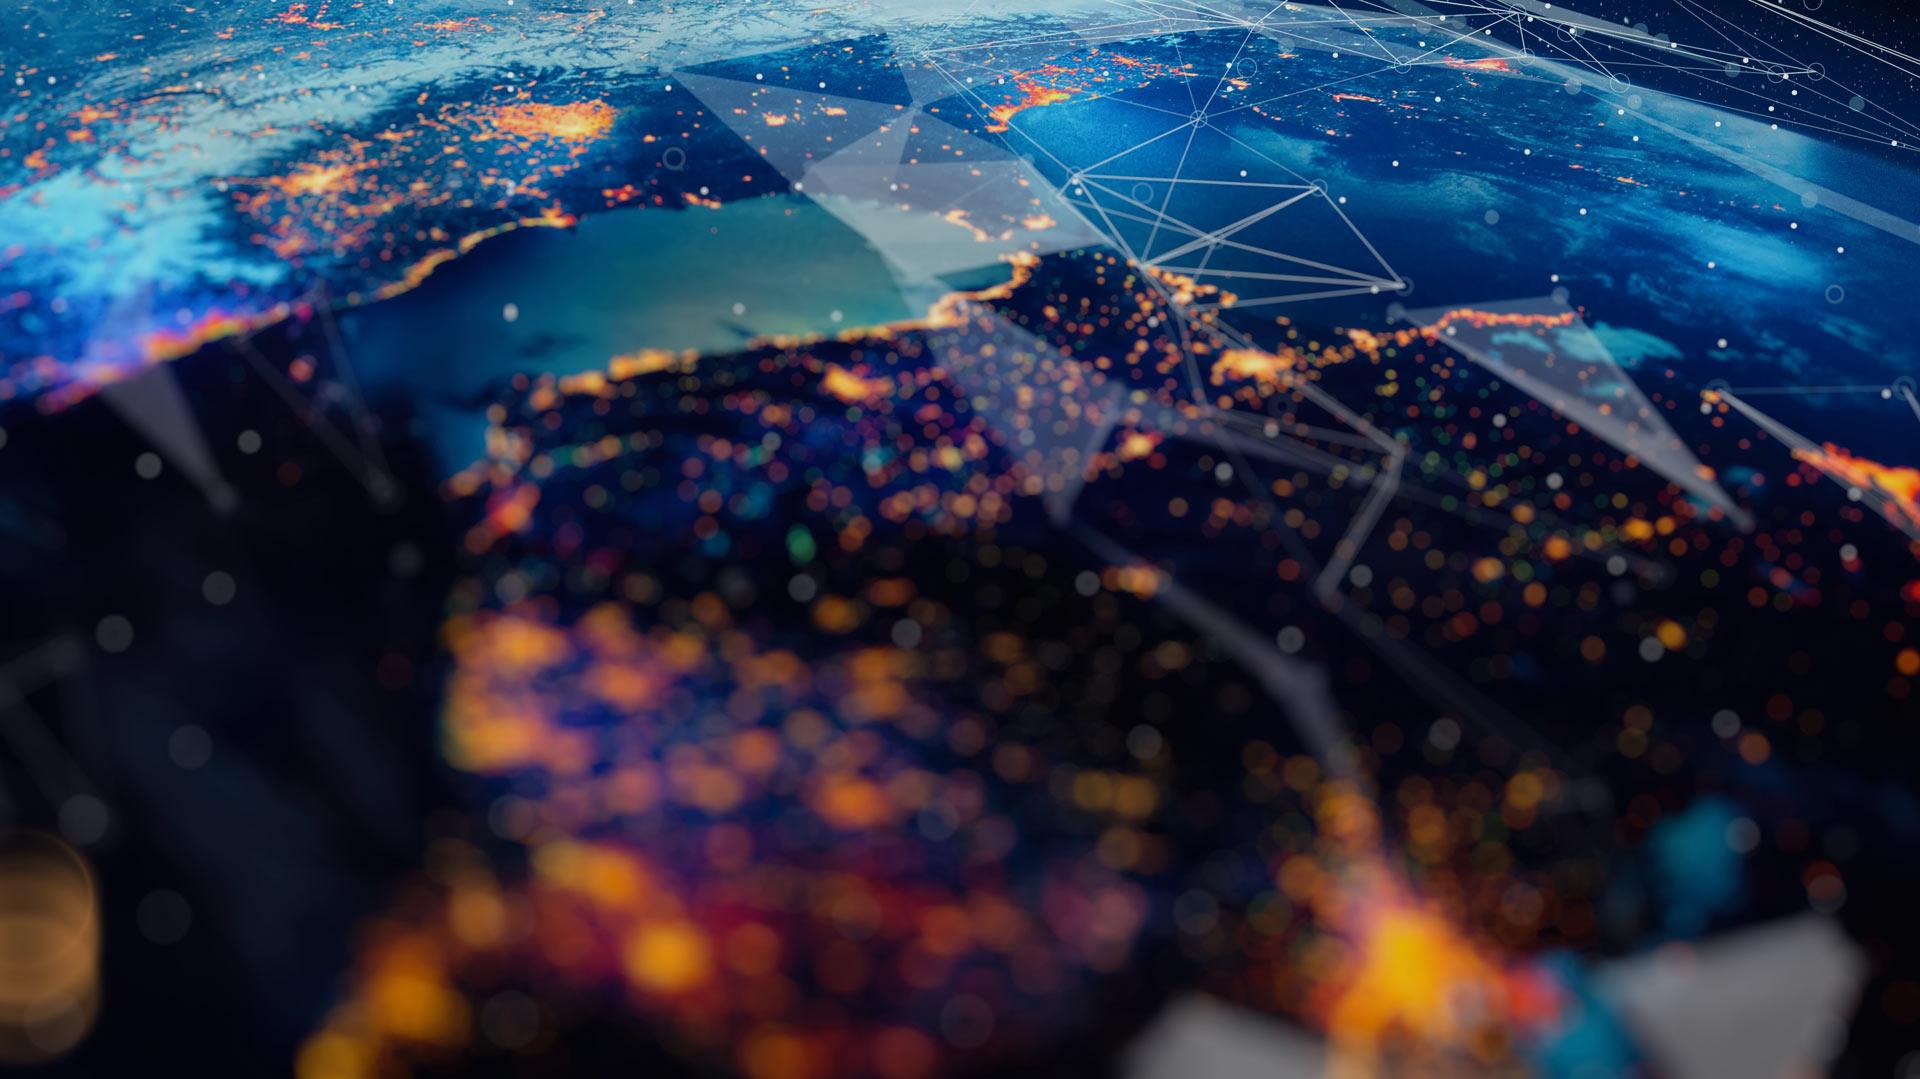 Global world network